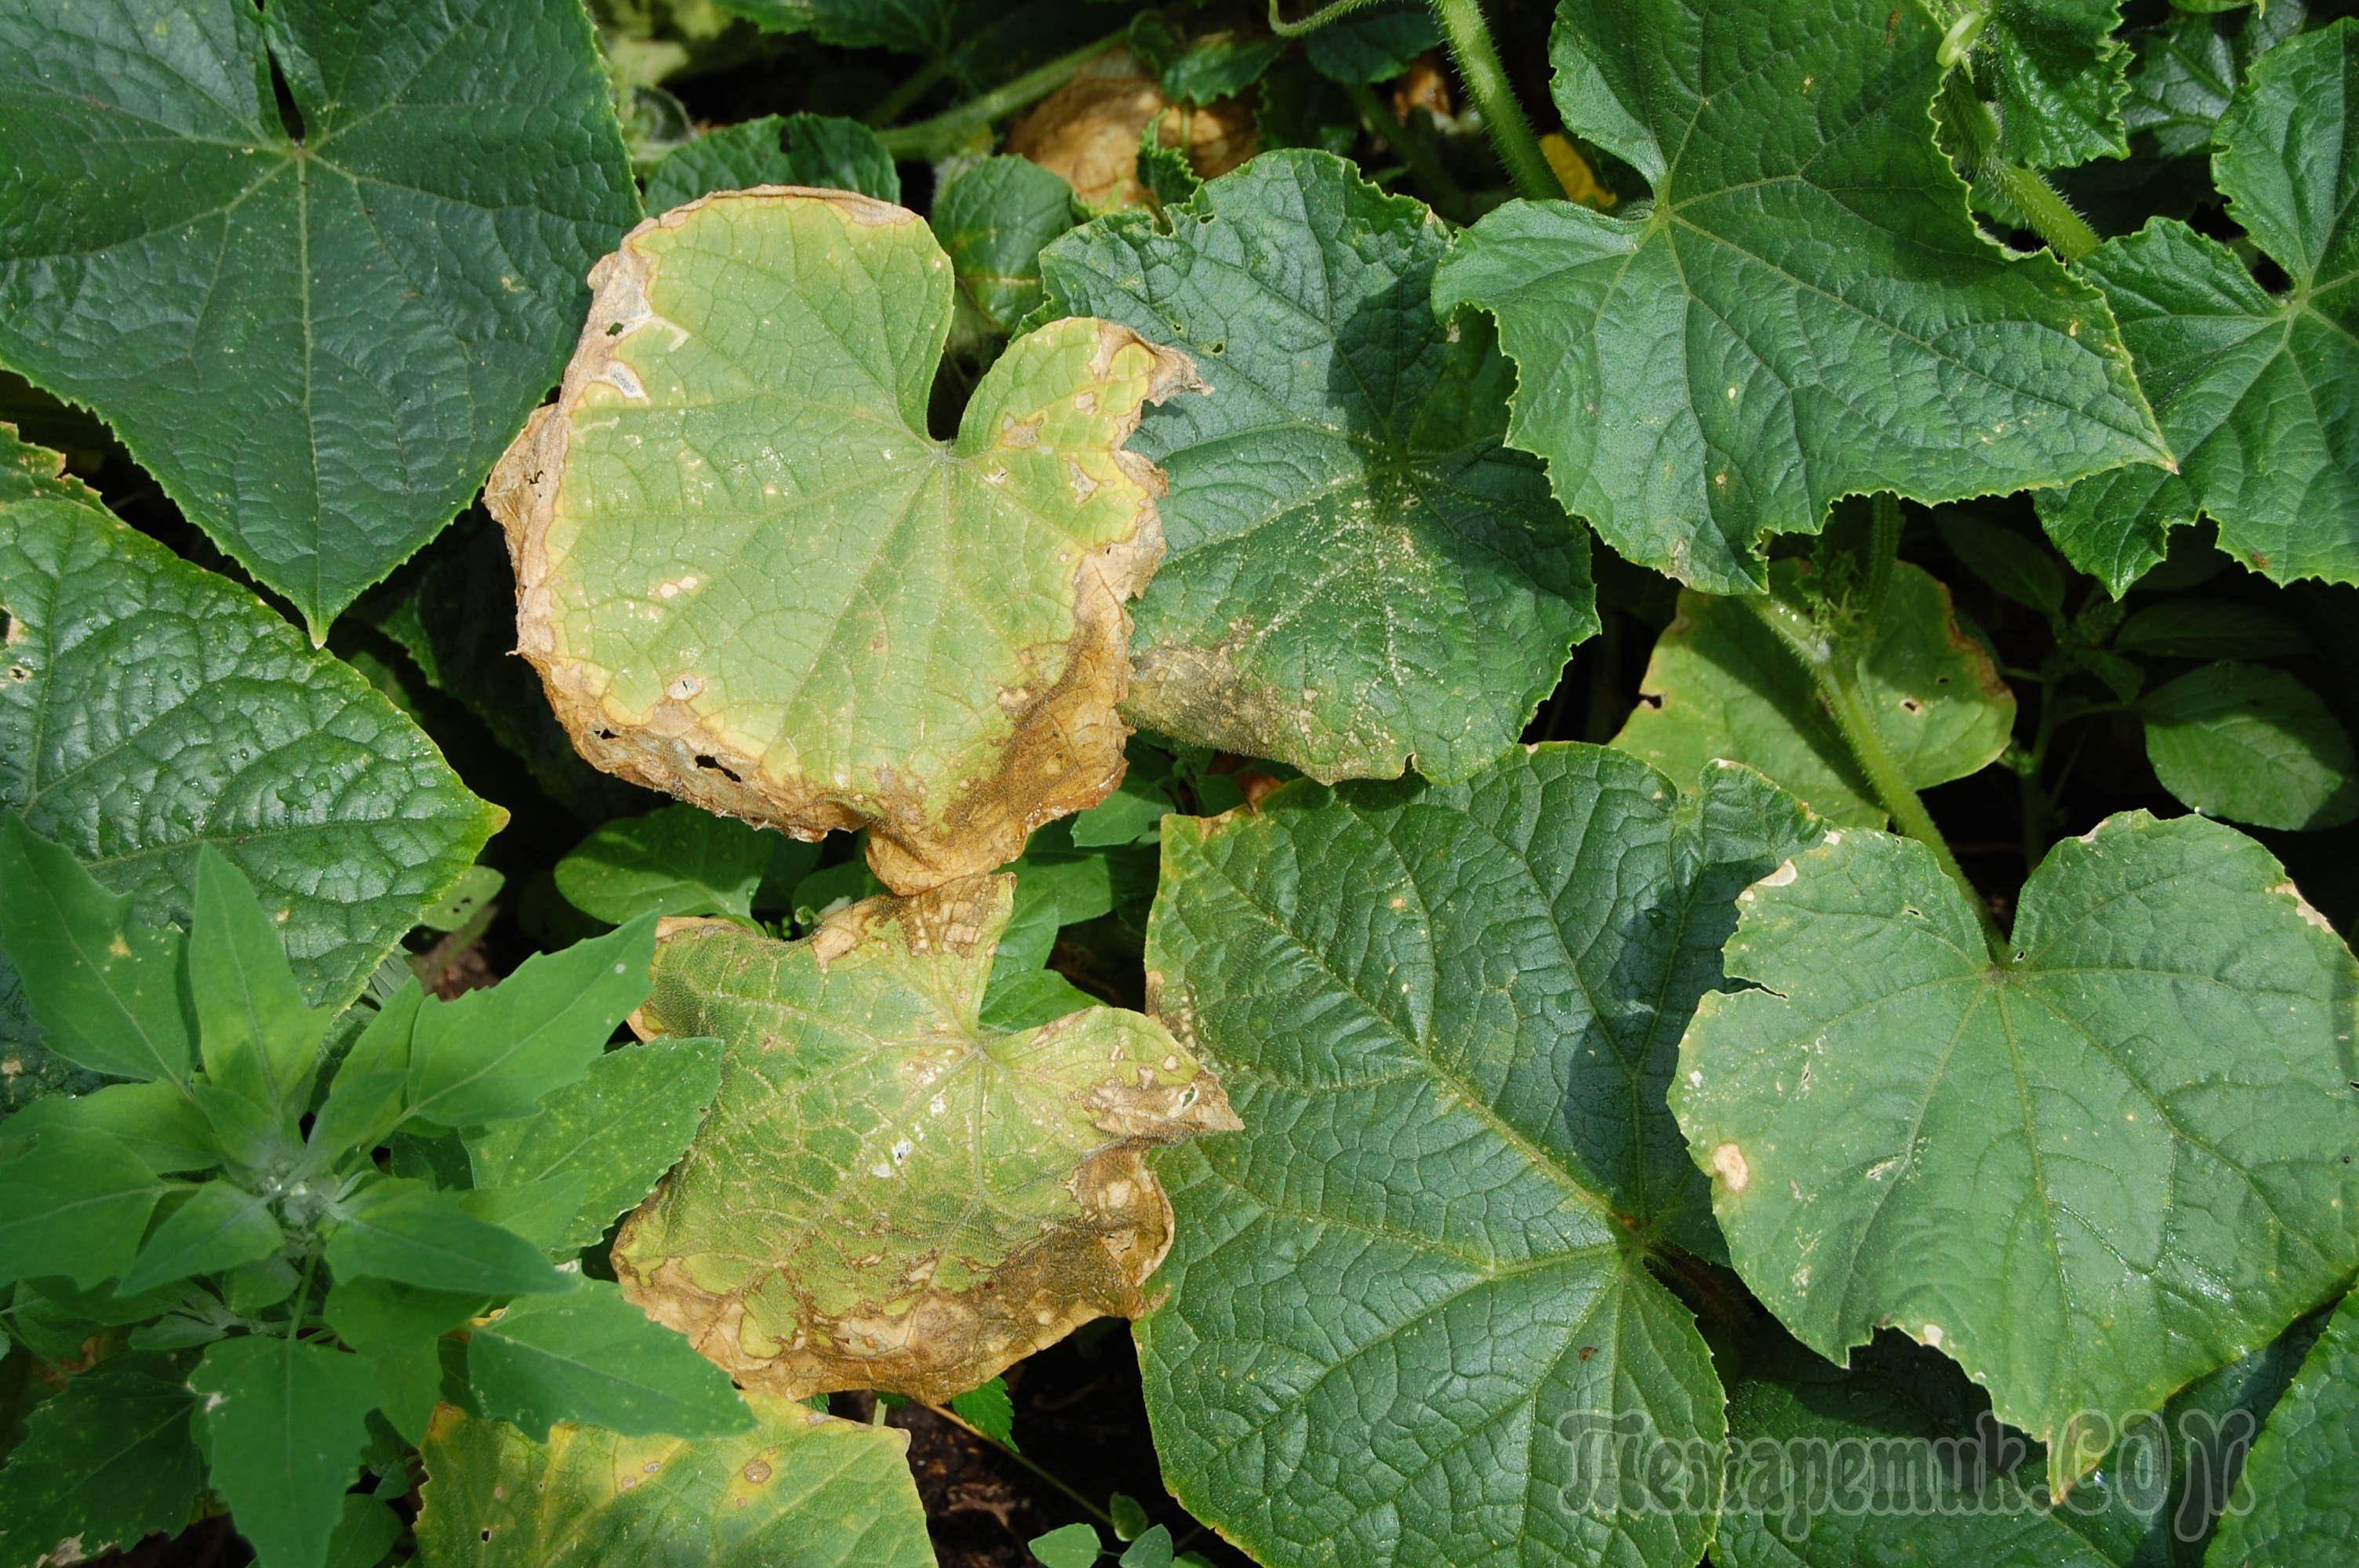 Желтеют листья огурцов - что делать, народные рецепты против пожелтения